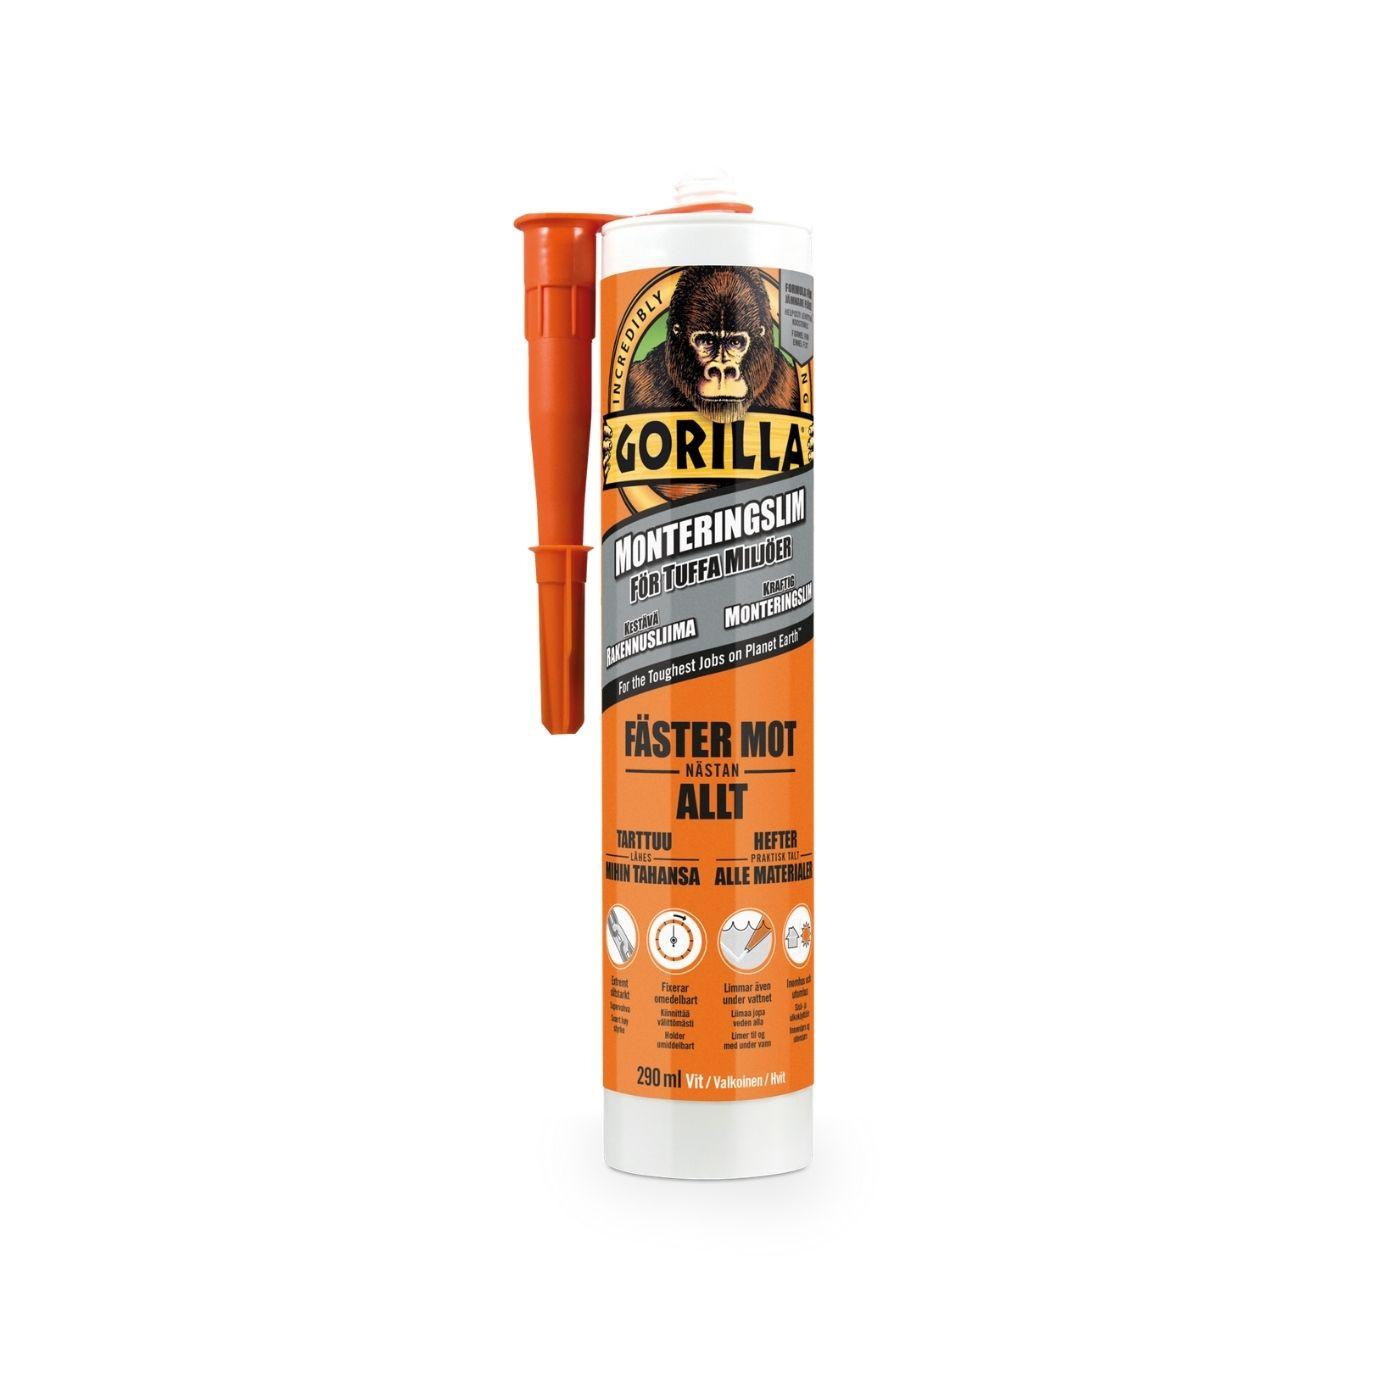 Monteringslim Gorilla Grab, 290 ml